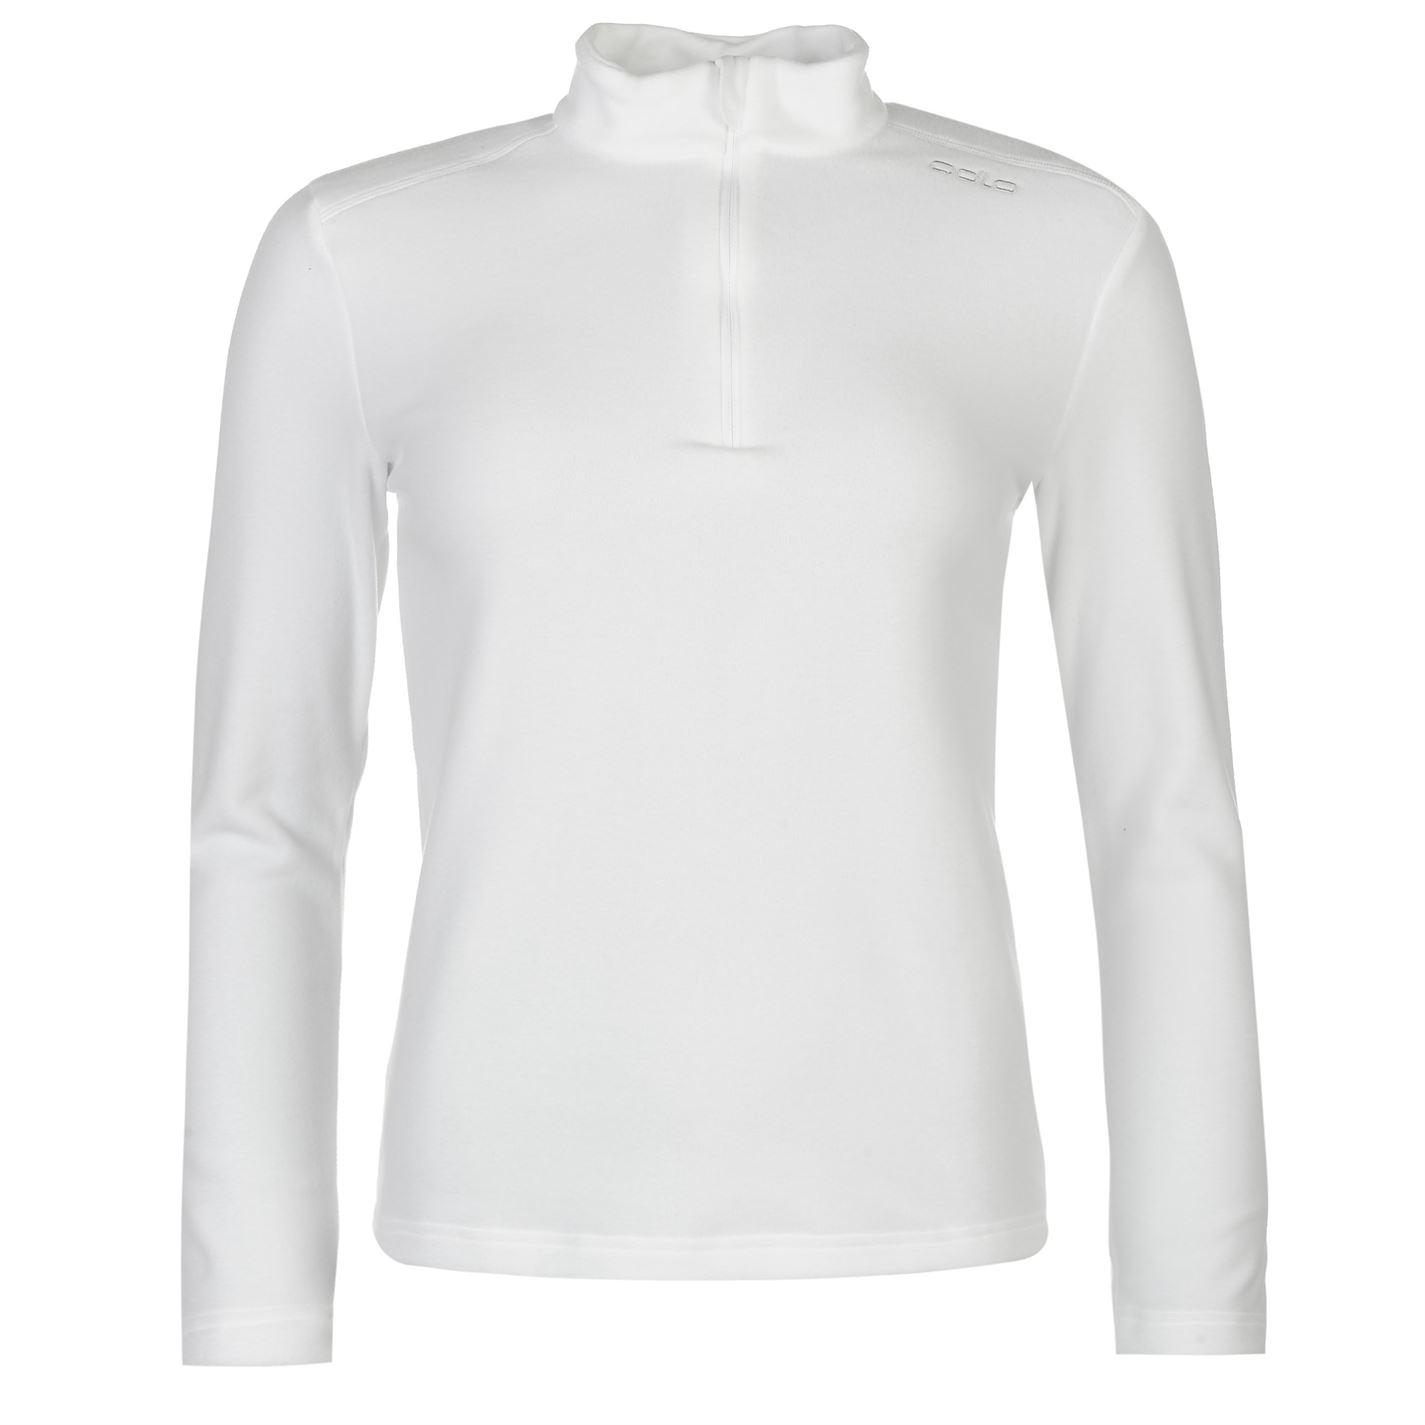 Odlo Orsino Half Zip Fleece Ladies